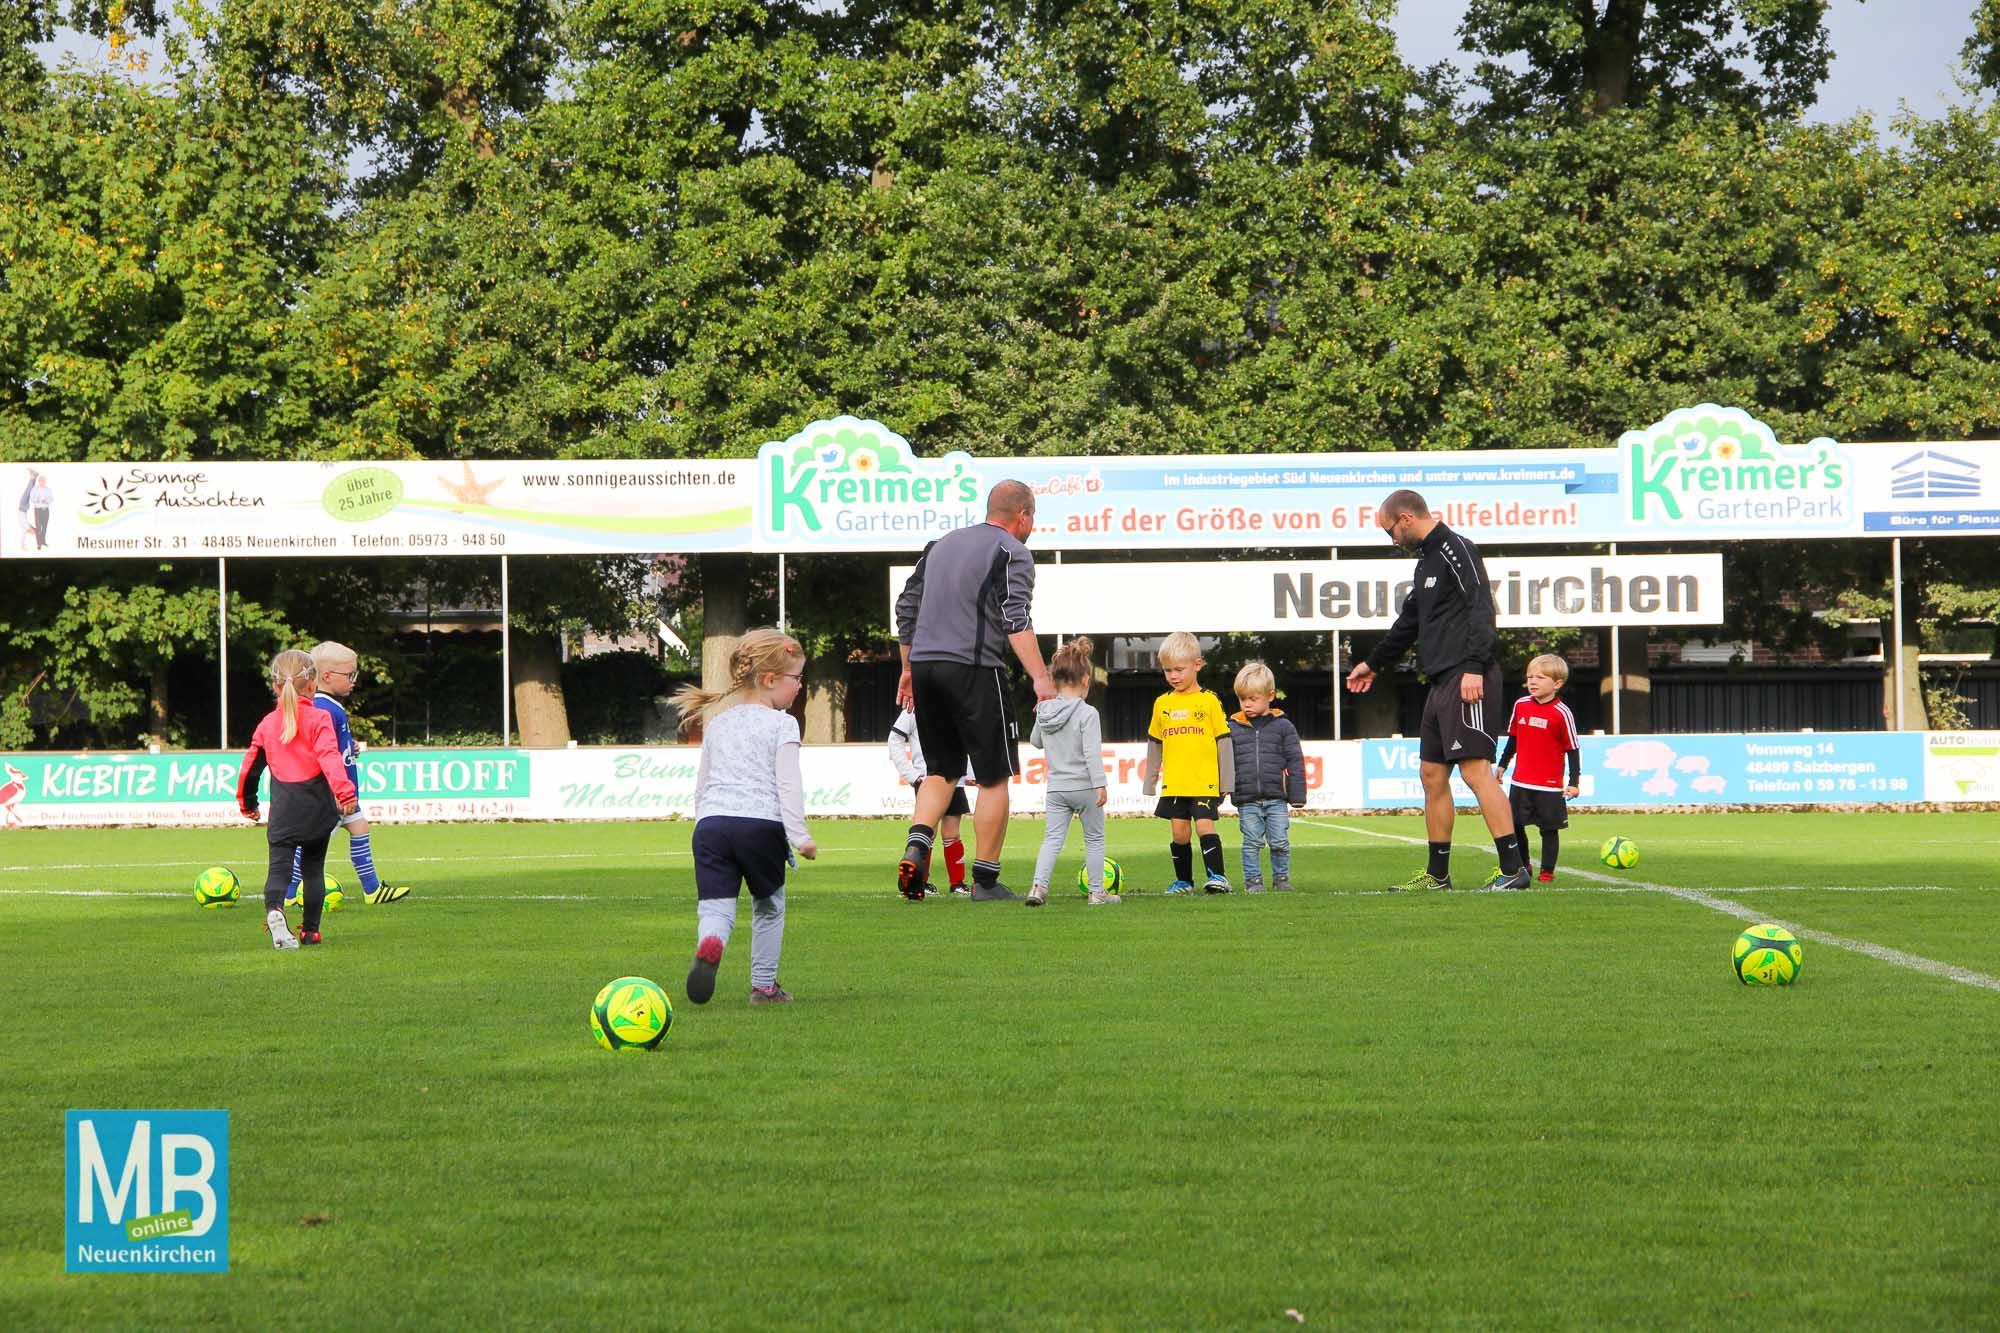 SuS Starters: Das allerste Mal auf einem Fußballfeld trainieren. | Foto: Kaumanns